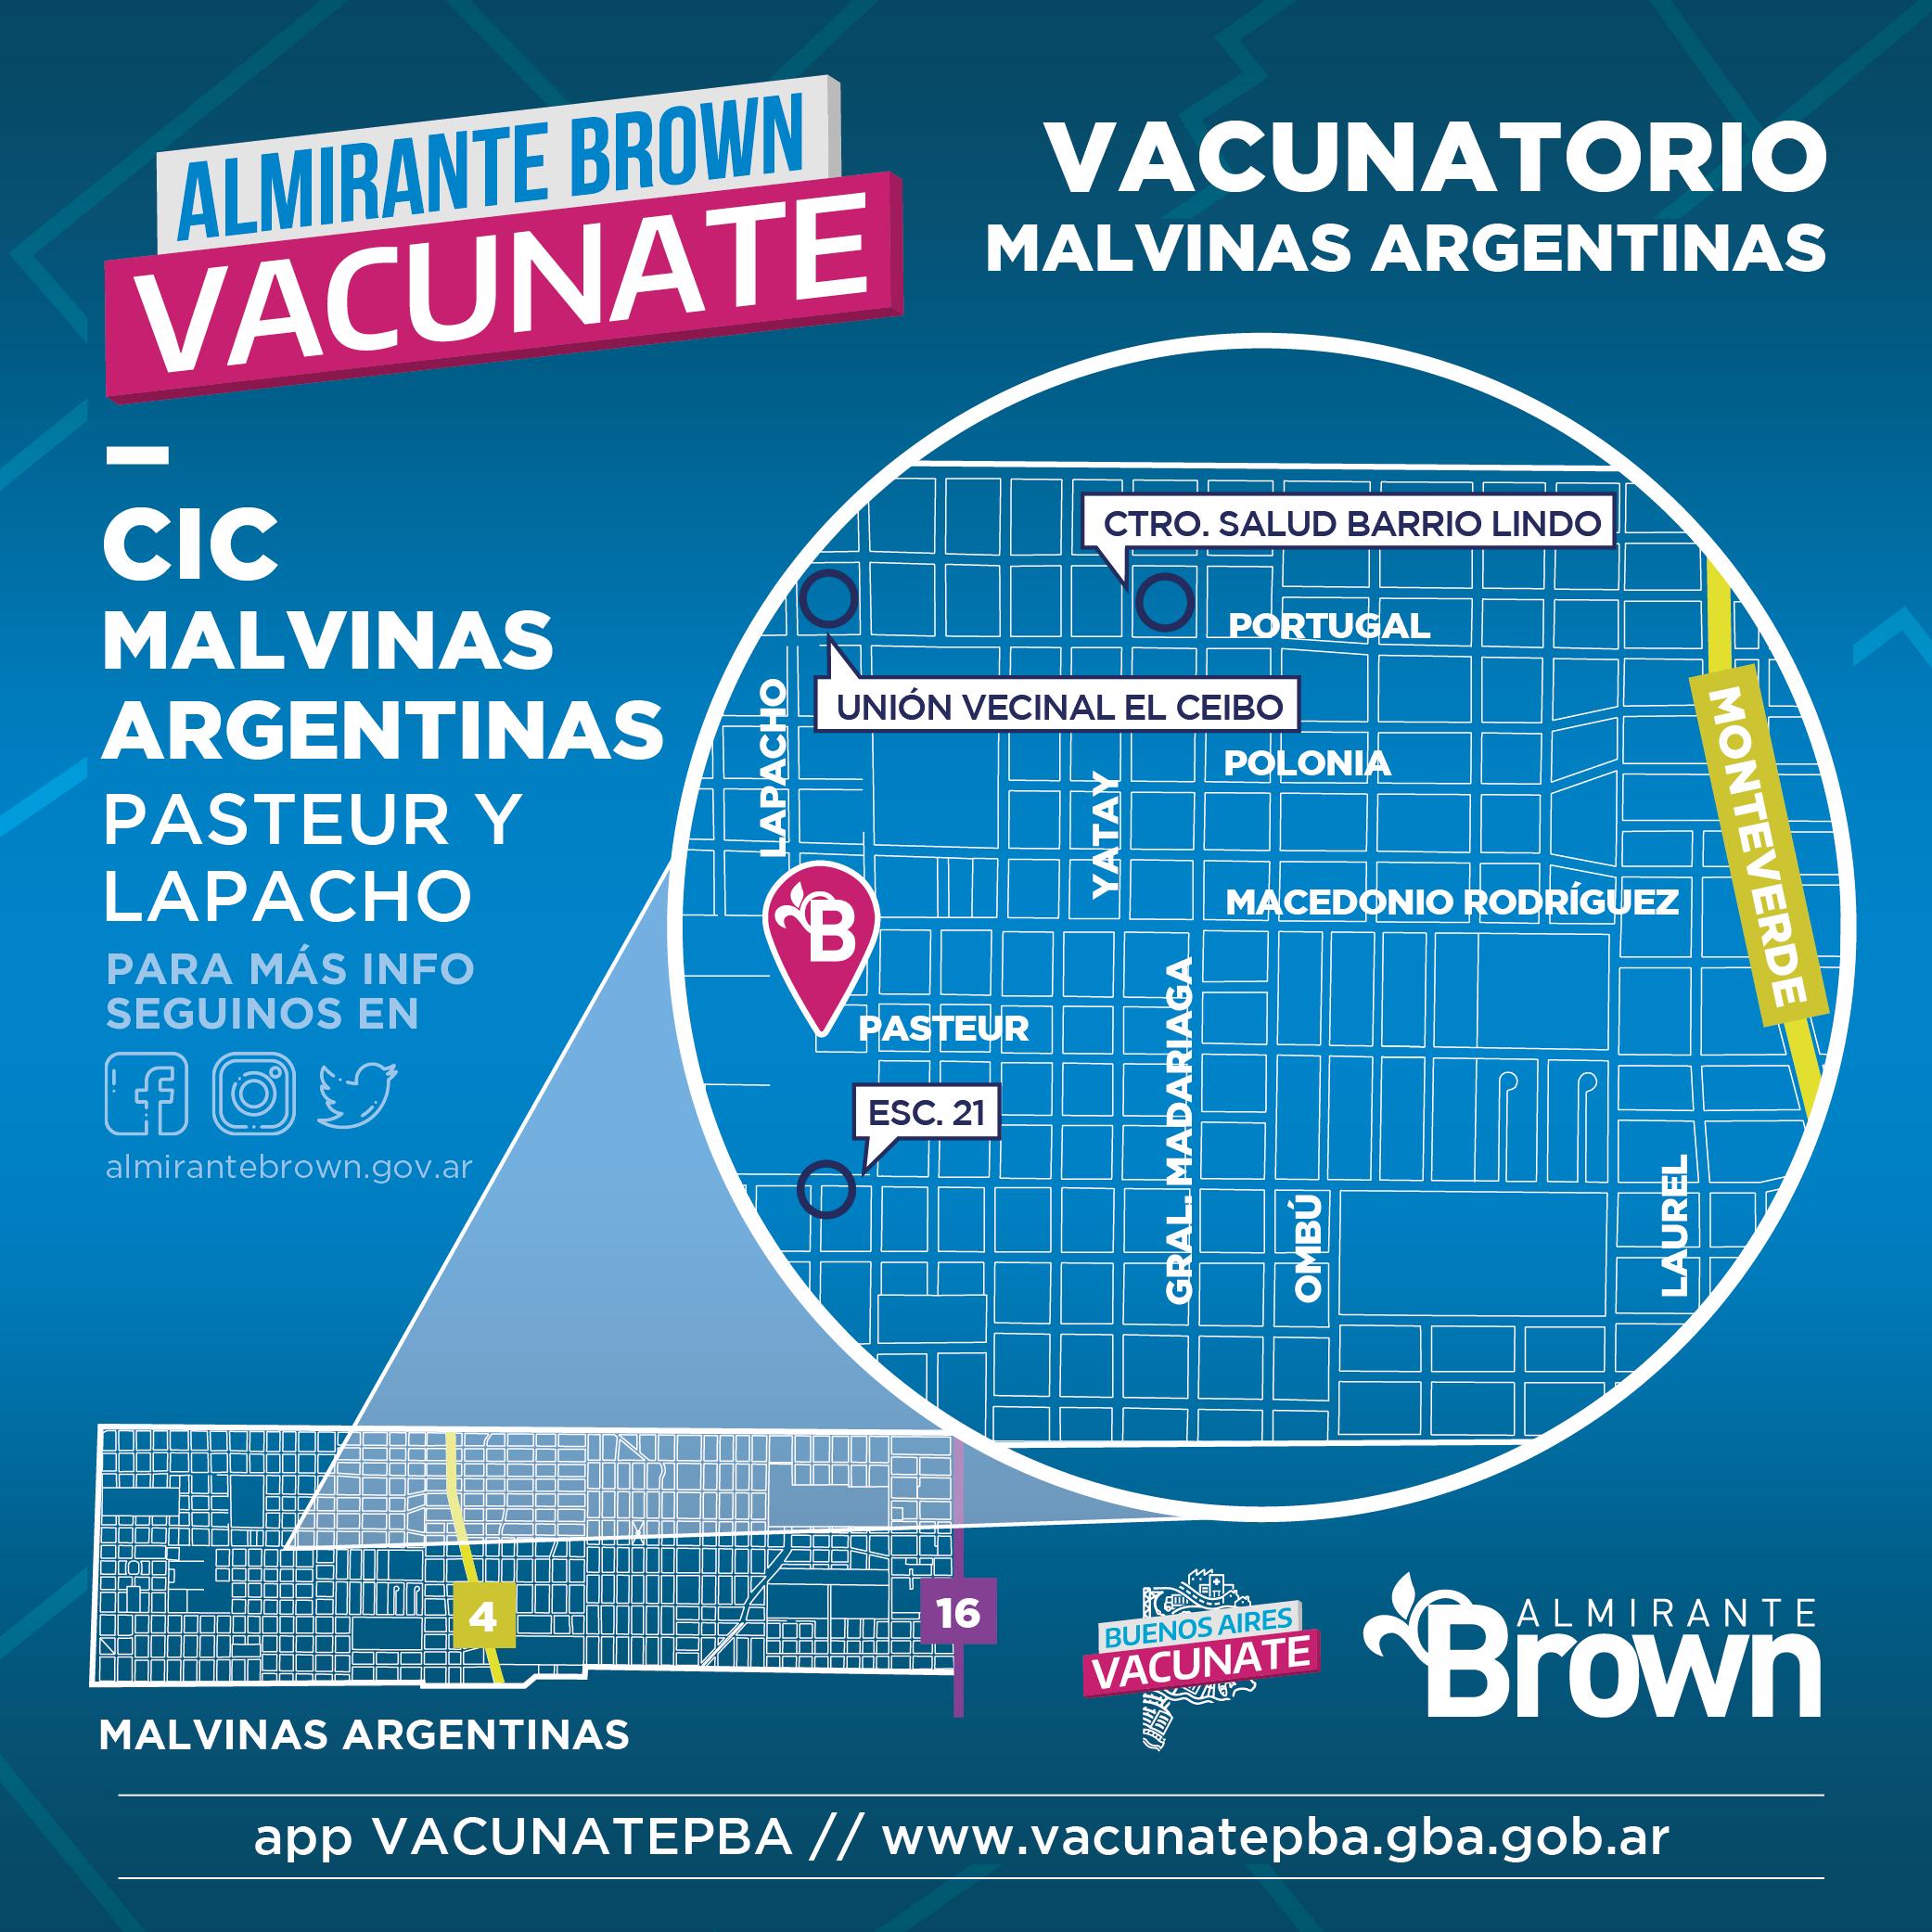 Mapa vacunatorio en Malvinas Argentinas